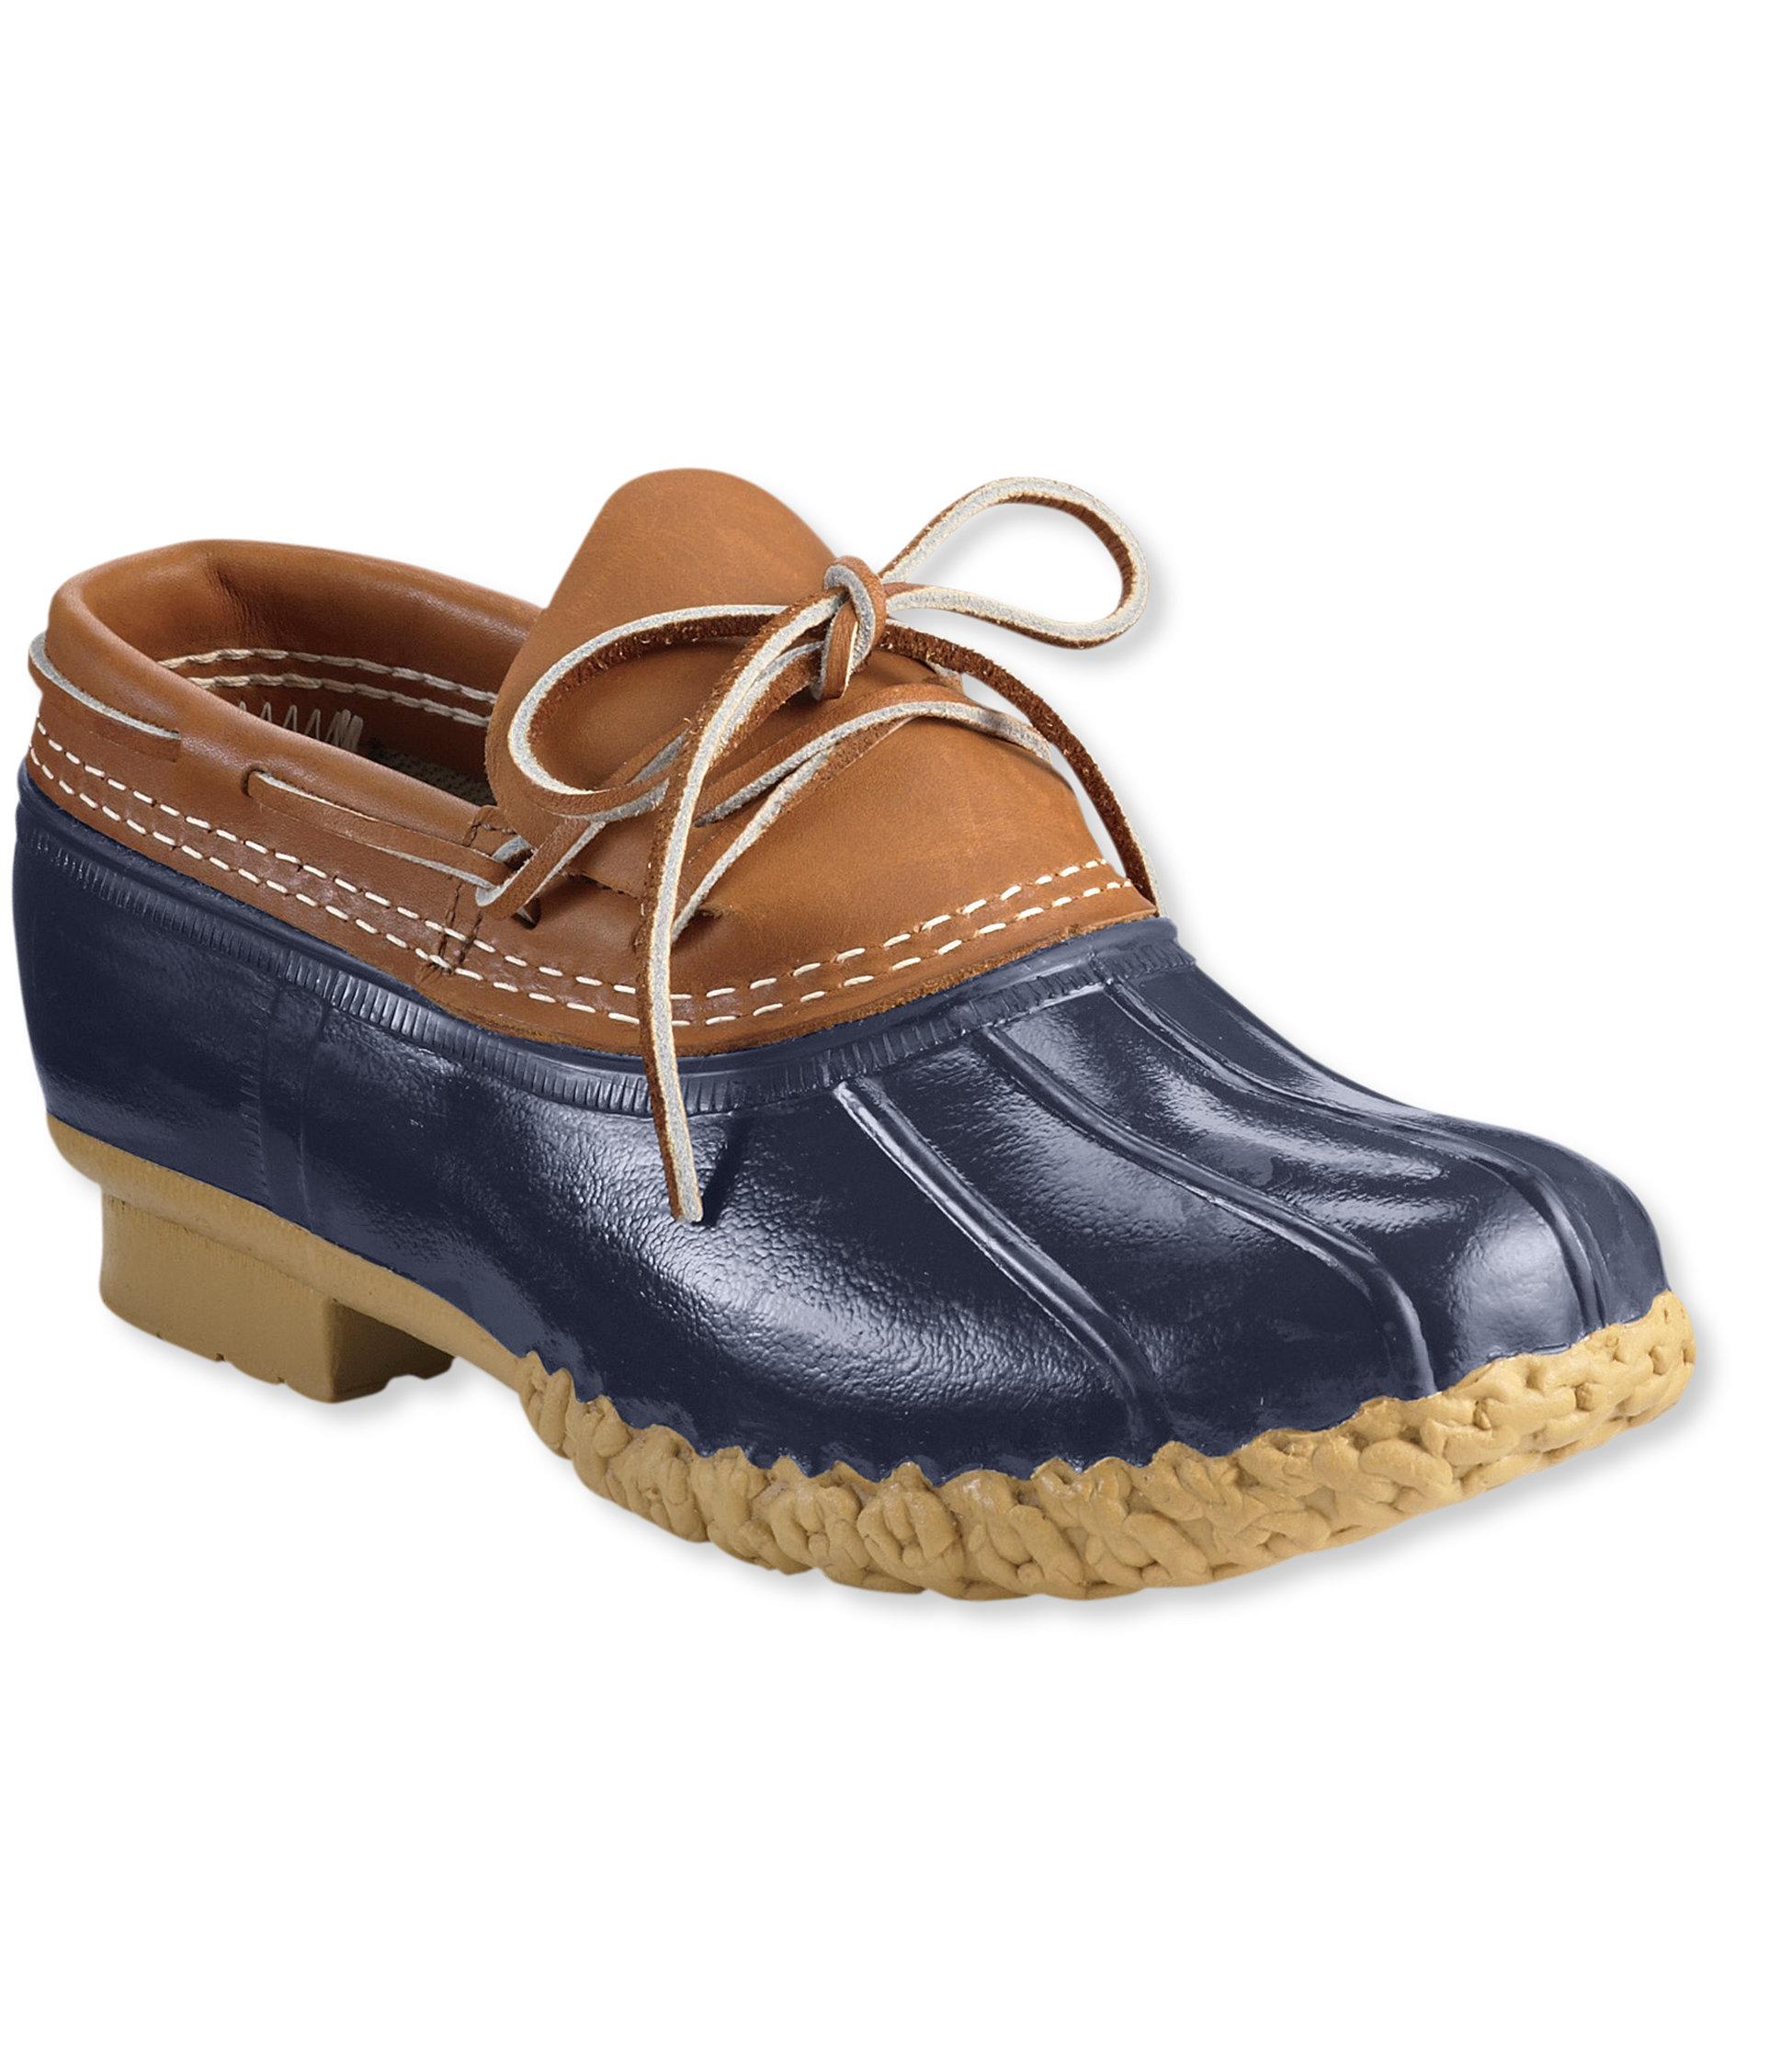 L.L.Bean Bean Boots, Rubber Moc